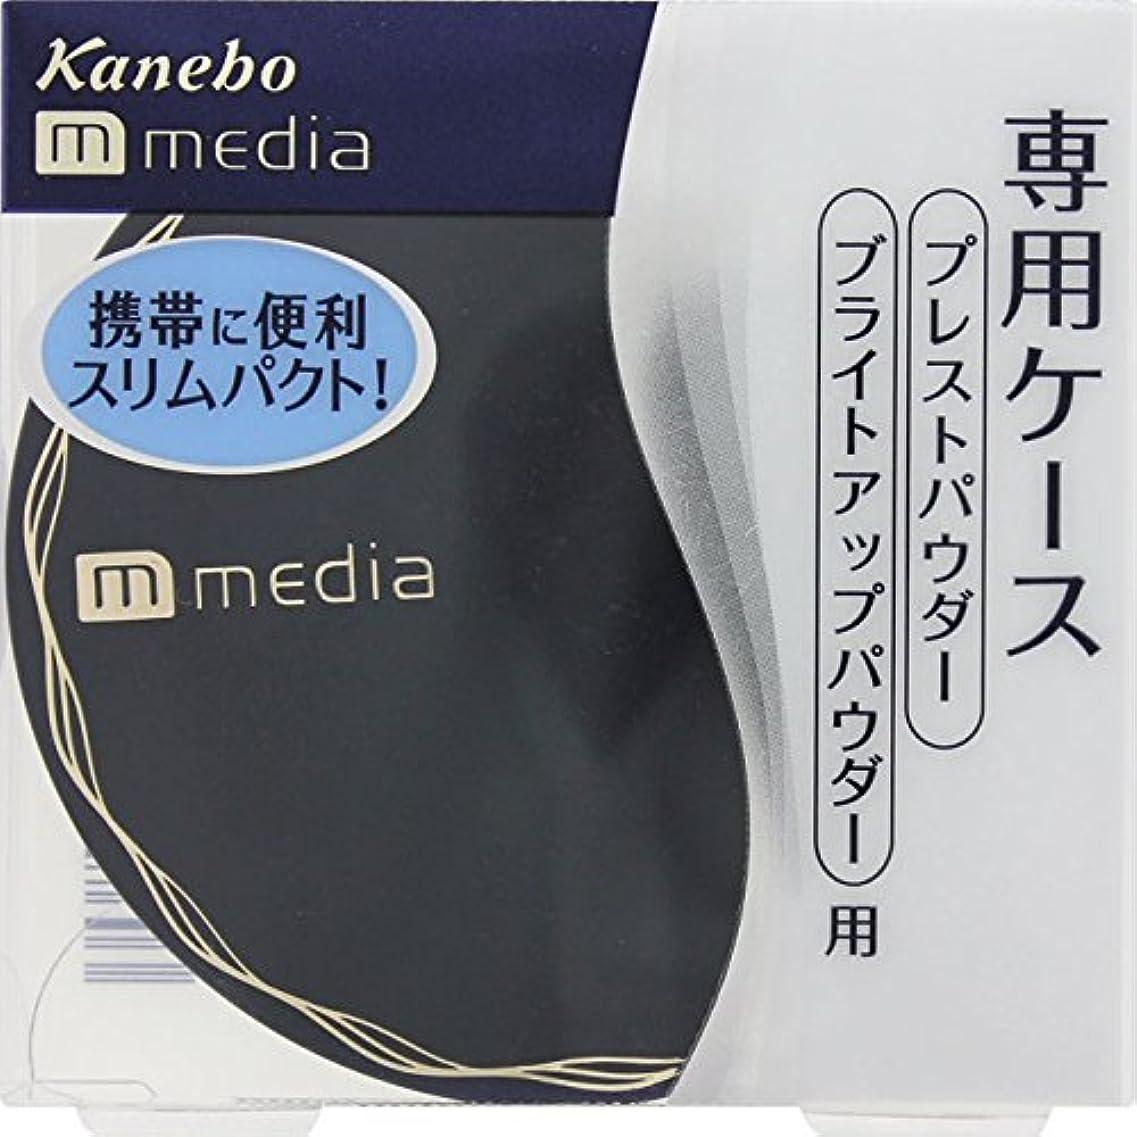 確保する吸収スポットカネボウ(Kanebo) メディア プレストパウダー用ケース